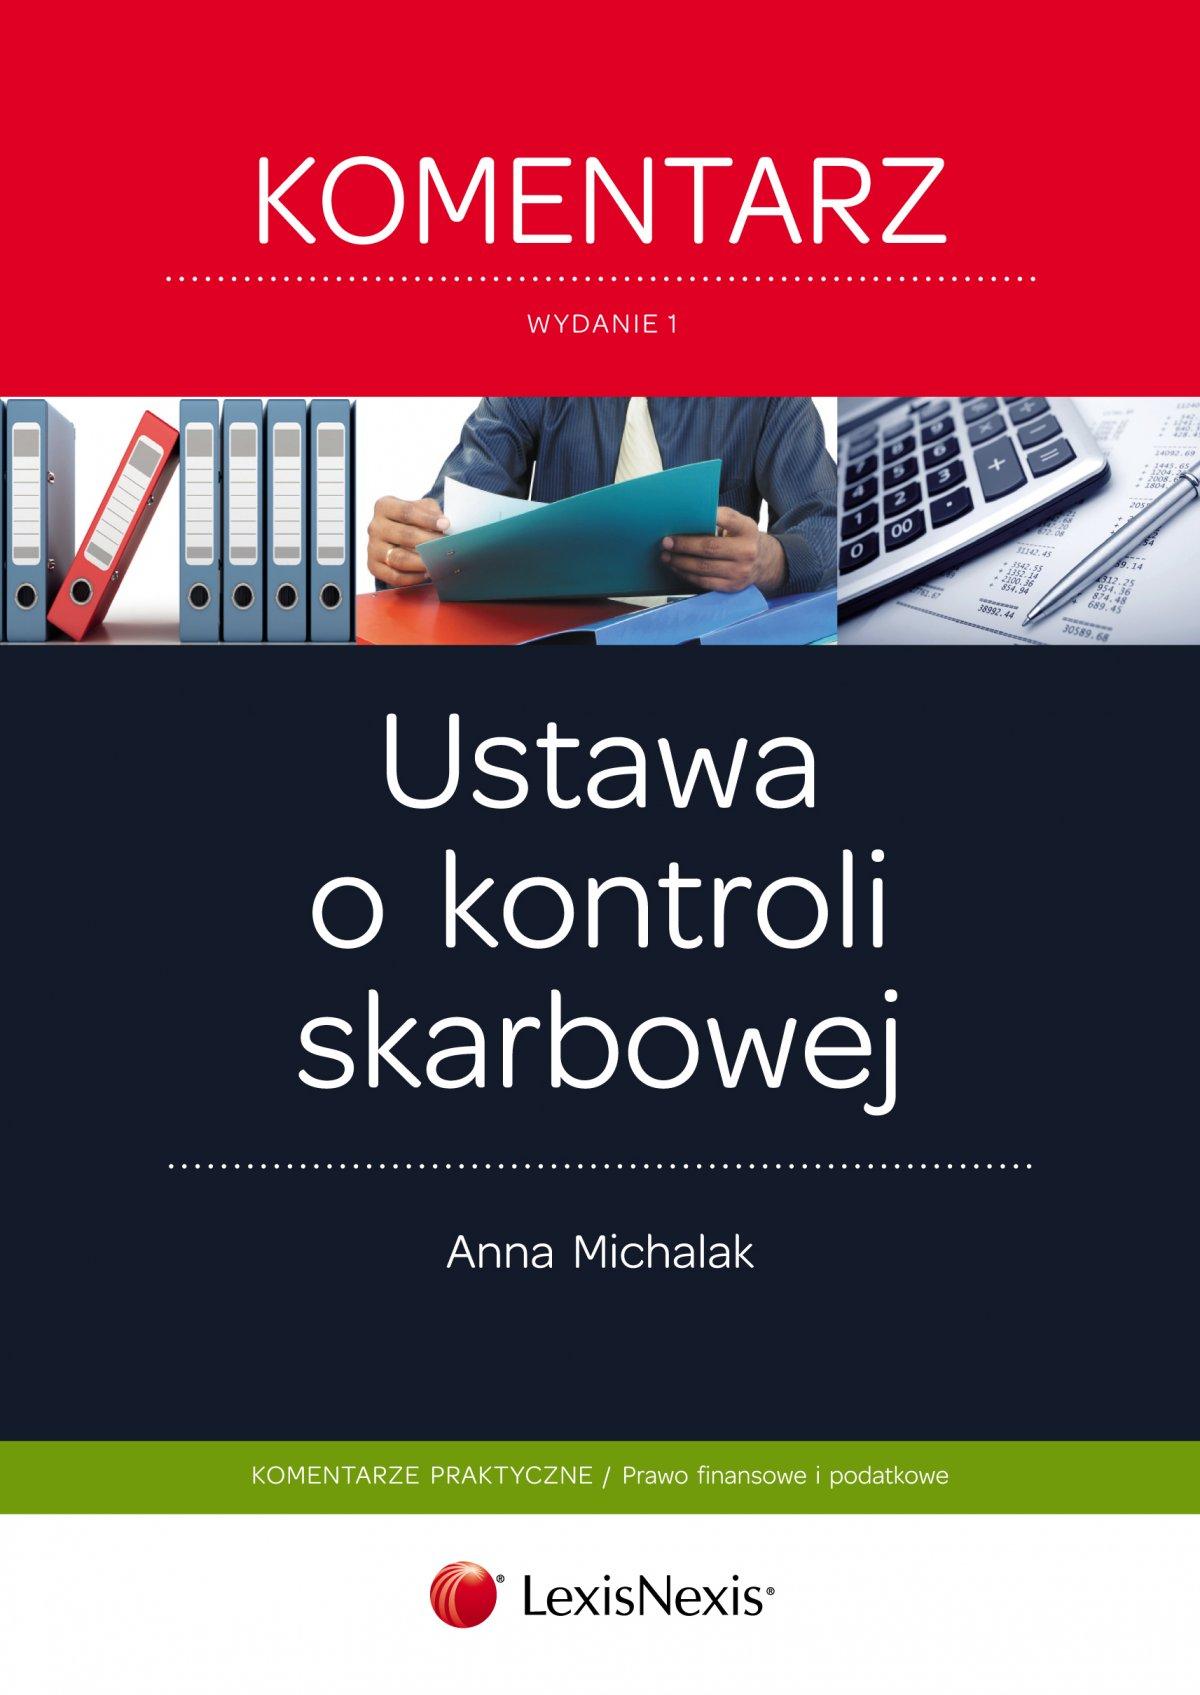 Ustawa o kontroli skarbowej. Komentarz. Wydanie 1 - Ebook (Książka EPUB) do pobrania w formacie EPUB